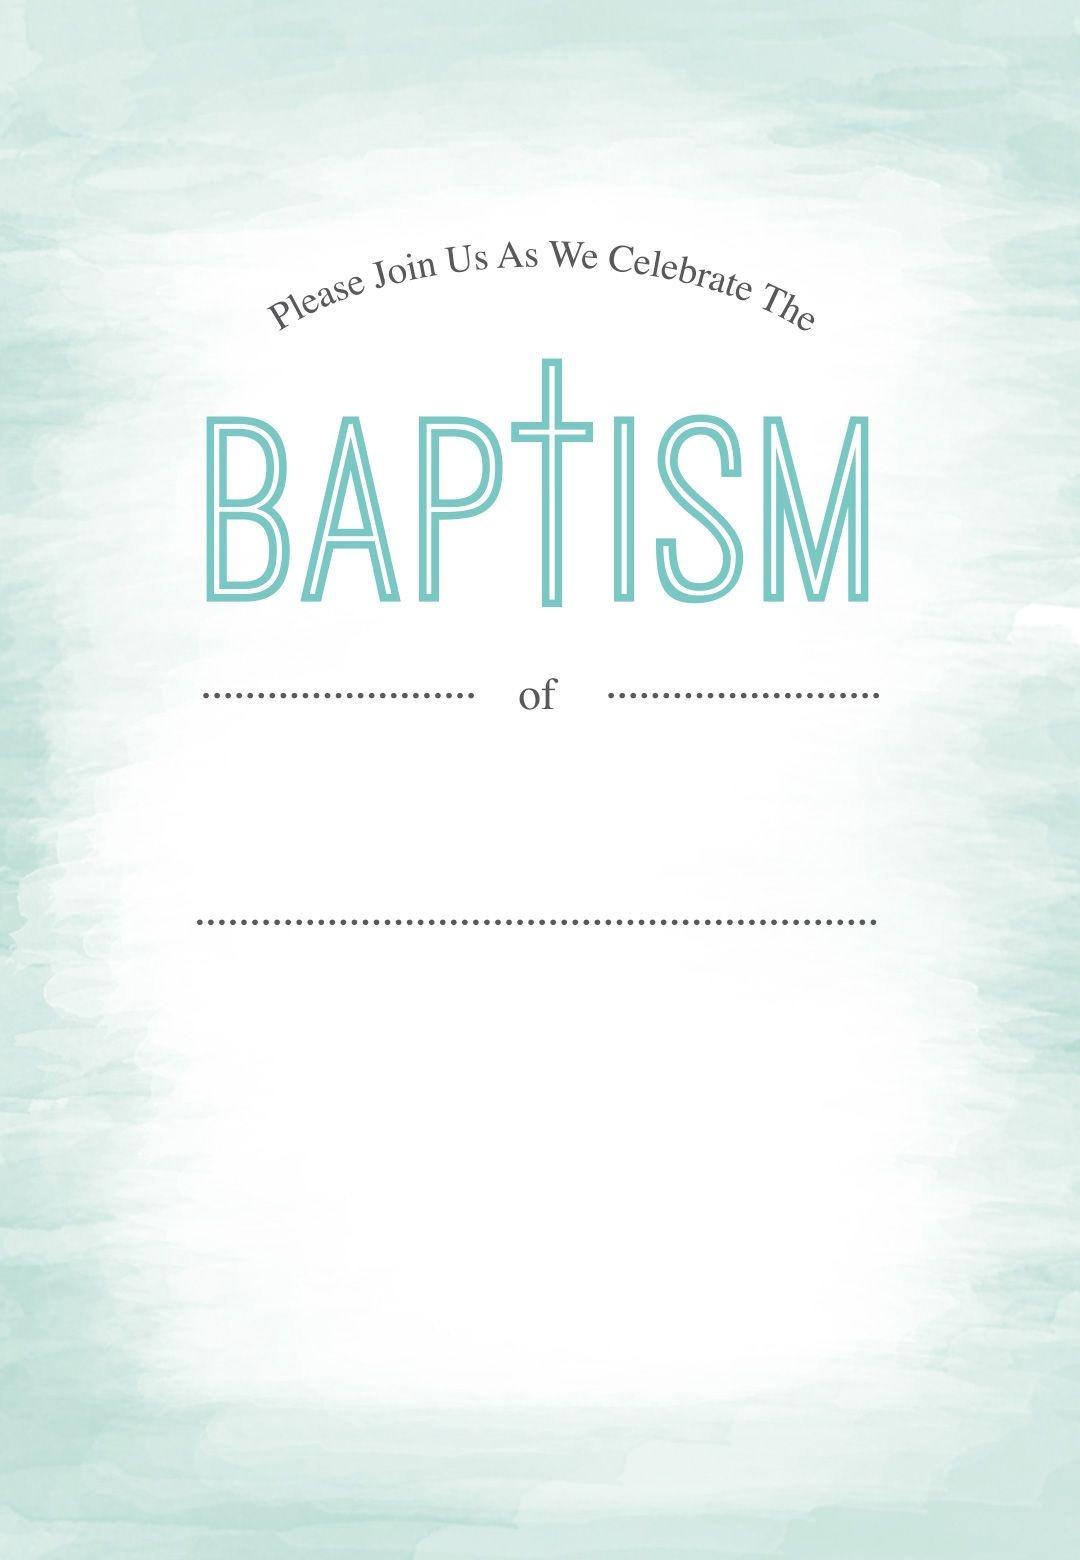 Water - Free Printable Baptism & Christening Invitation Template - Free Printable Baptism Invitations